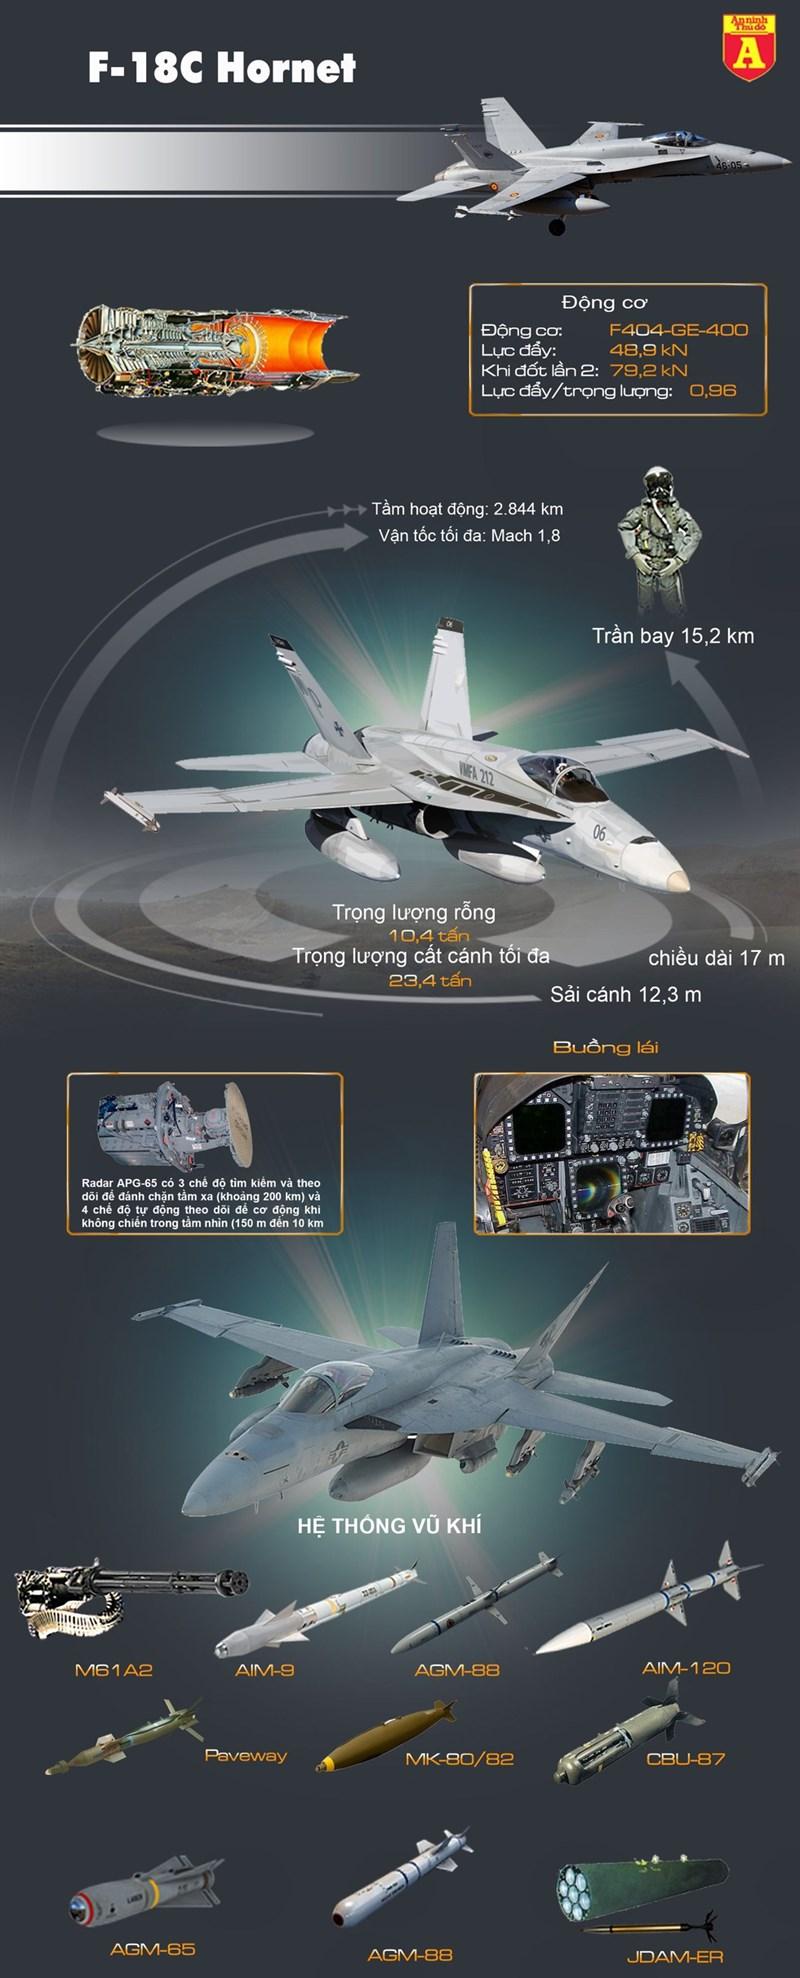 """[Infographics] """"Ong bắp cày"""" F-18 cuối cùng của Mỹ giã từ bầu trời, kết thúc khúc anh hùng ca - Ảnh 1"""